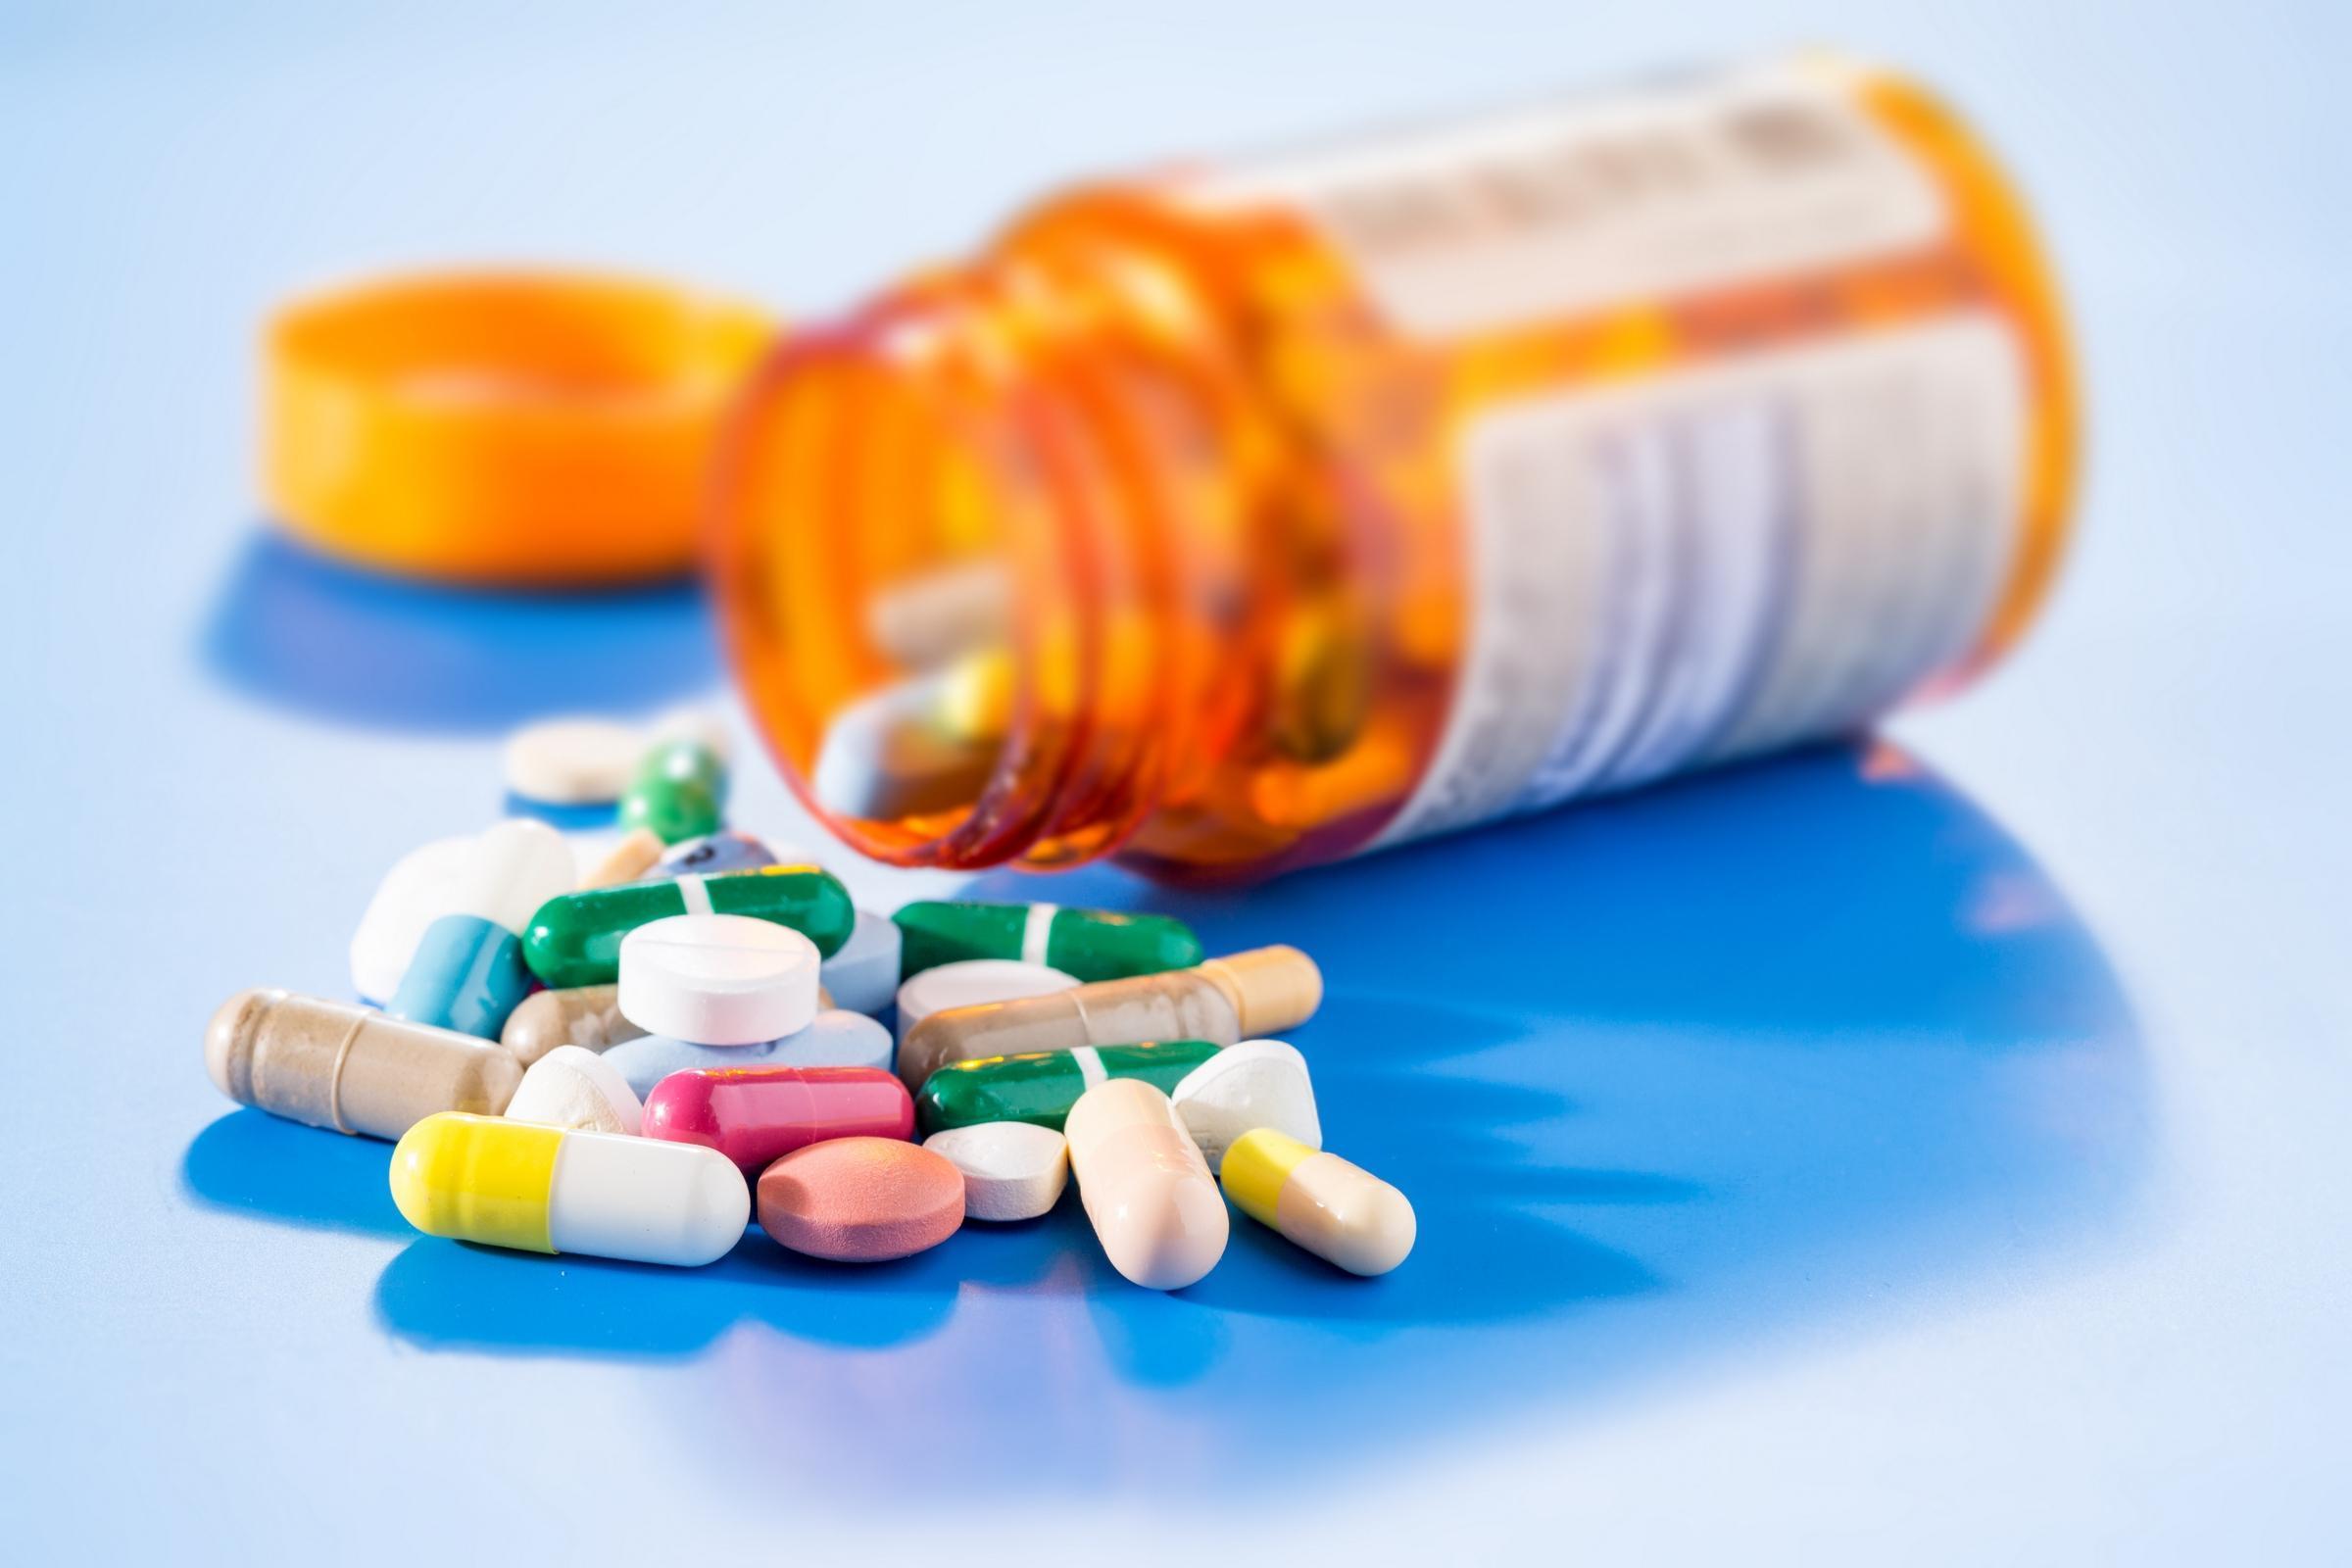 Dicas Para um Uso Responsável de Medicamentos